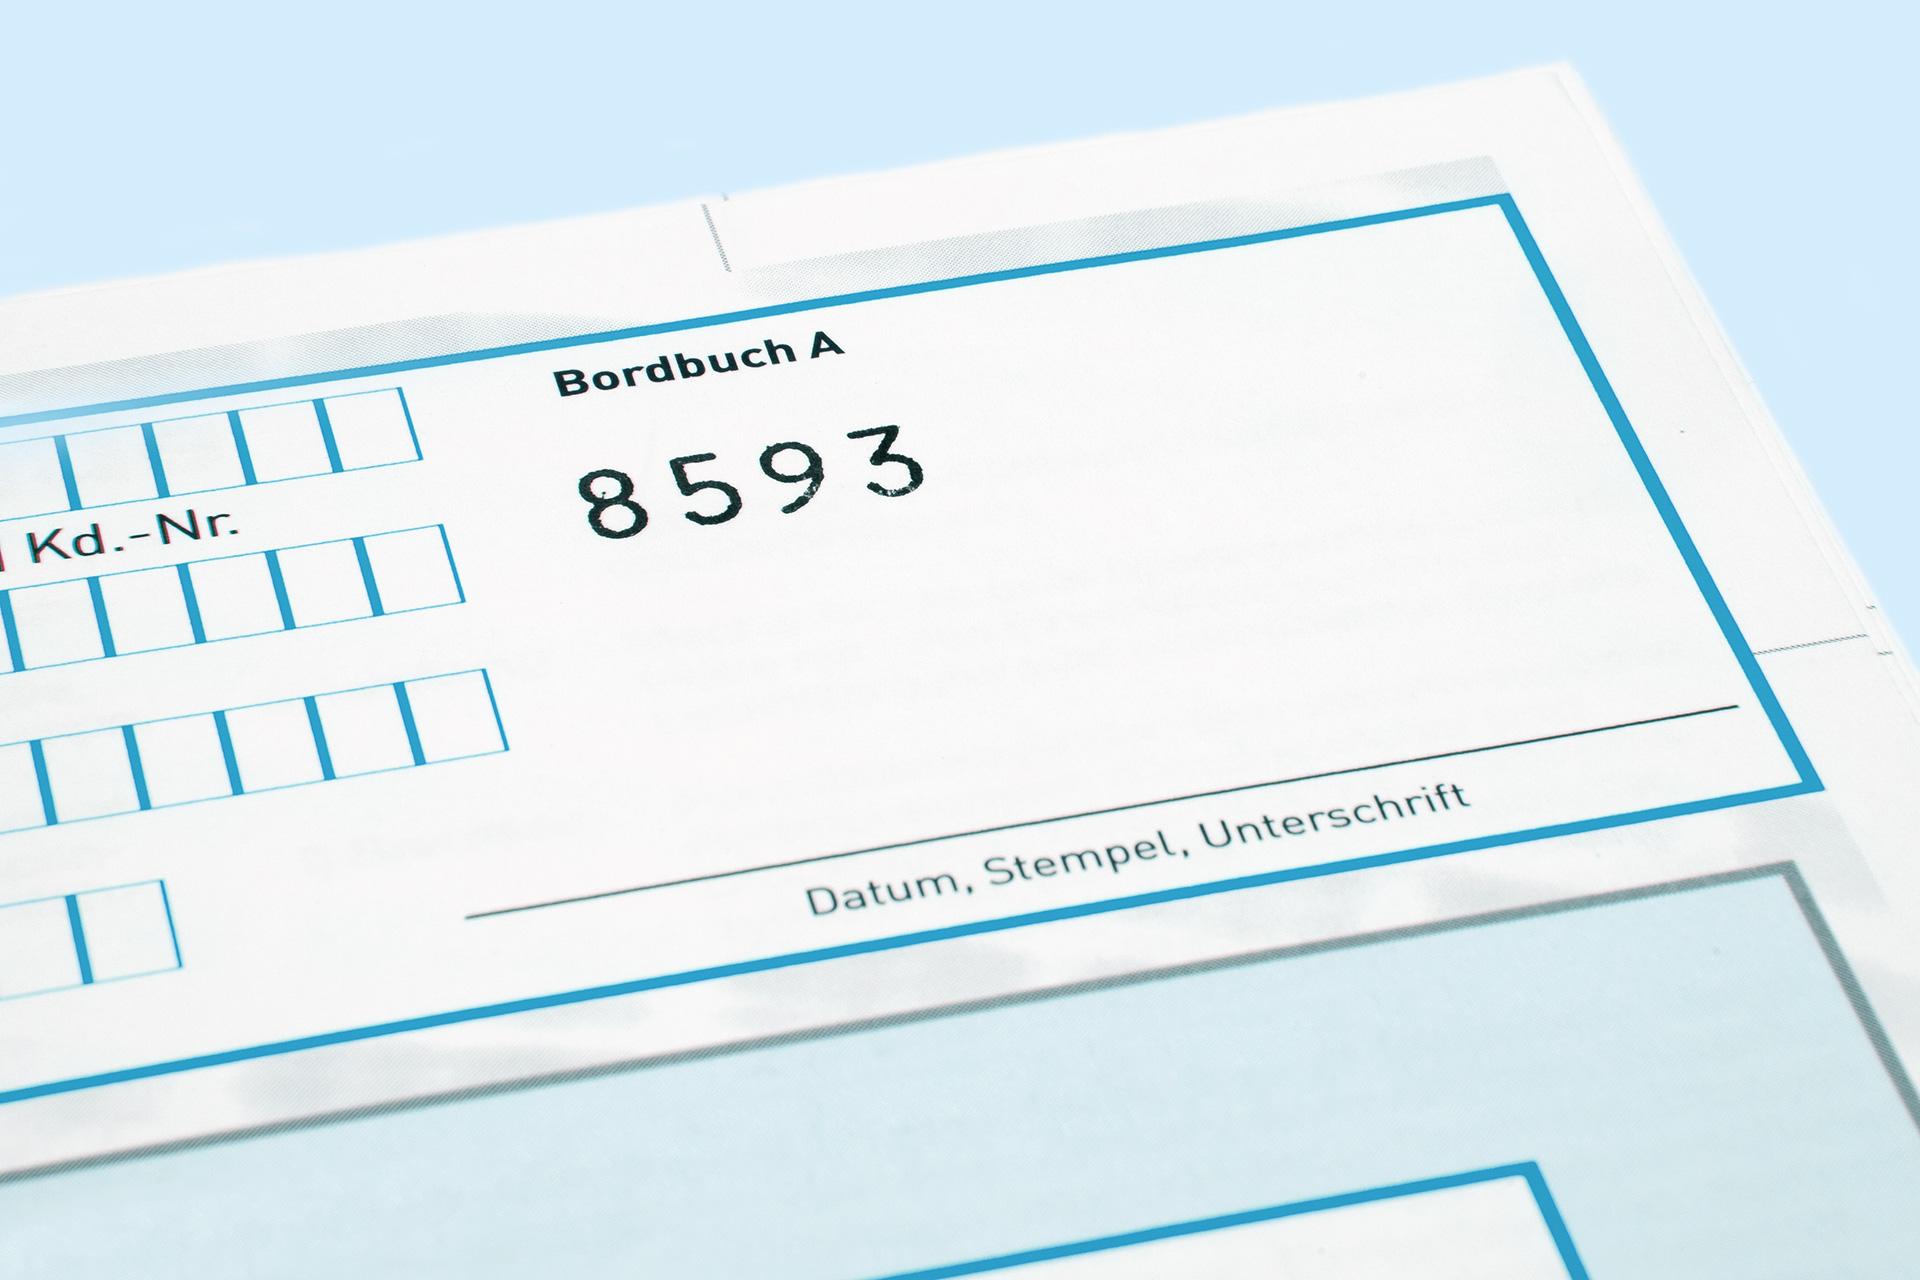 Personalisierte Drucksachen - Beispiel Bordbuch Autogarantie